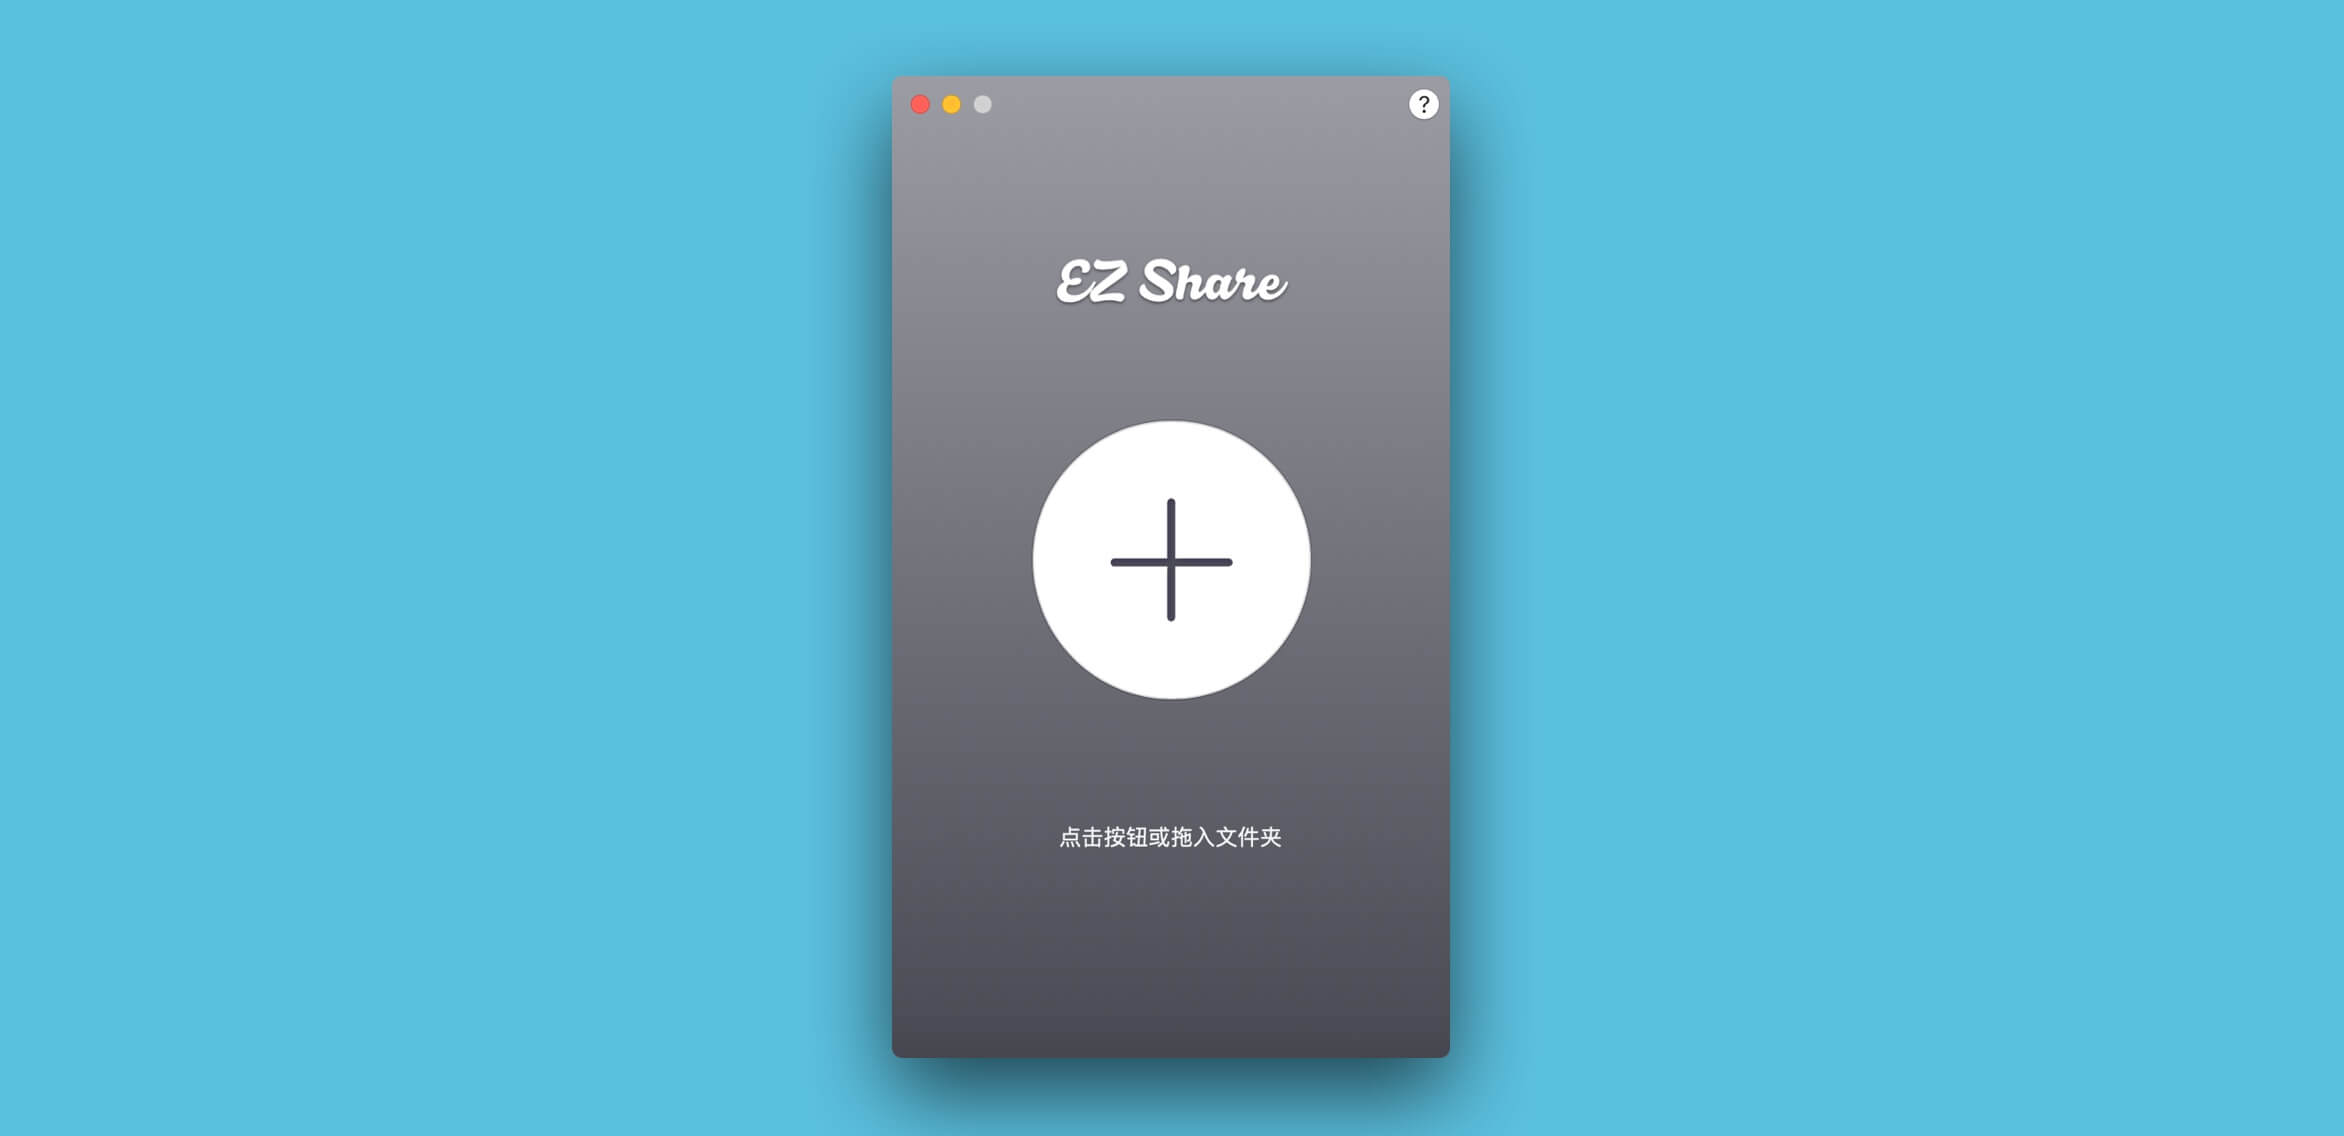 5f7dfa2d8fe81 - Mac | 极速分享:分享文件和照片,文件分享工具。